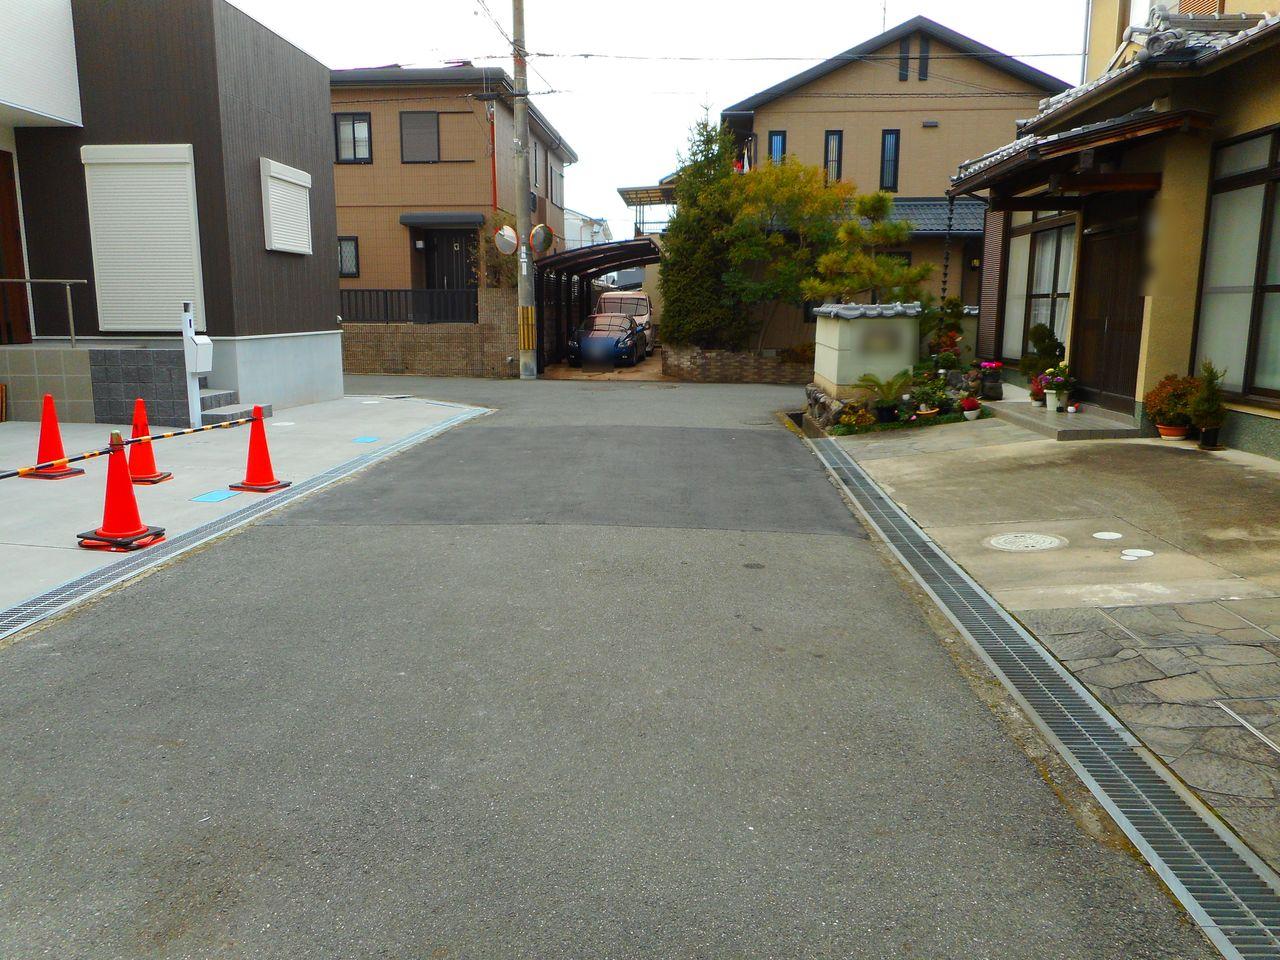 前面道路幅は約5.2mあり、大きなお車でも 出し入れ楽々♪ 車通りが少なく静かな環境です。